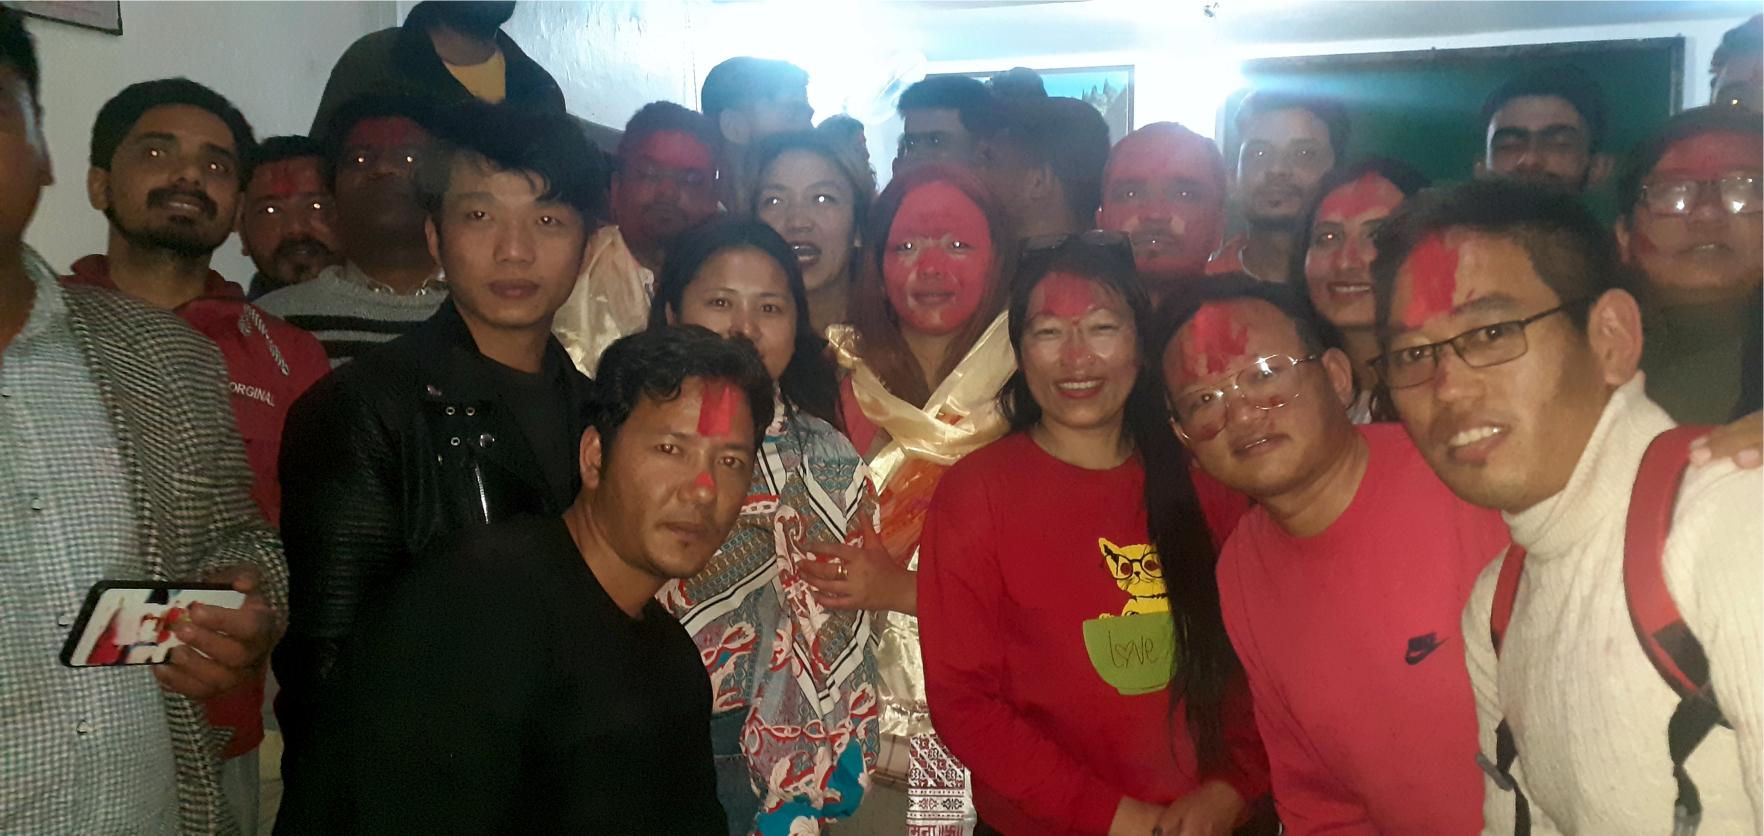 नेपाल पत्रकार महासंघ जिल्ला शाखा इलाम अध्यक्षमा बिप्लव भट्टराई